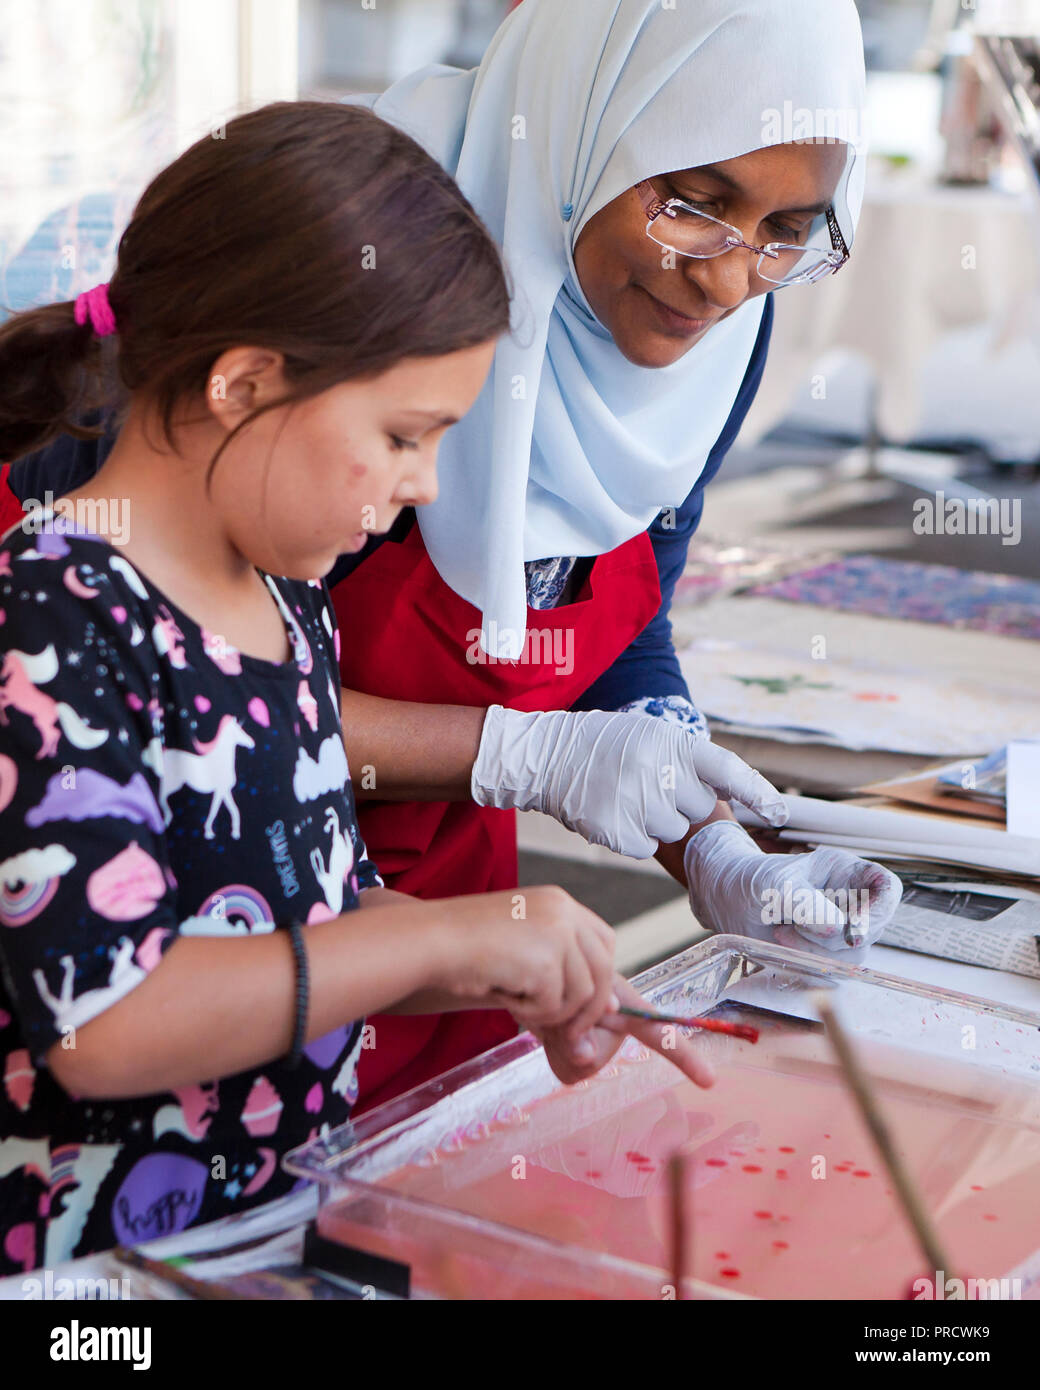 Femme musulmane aidant écolière avec art project - USA Photo Stock